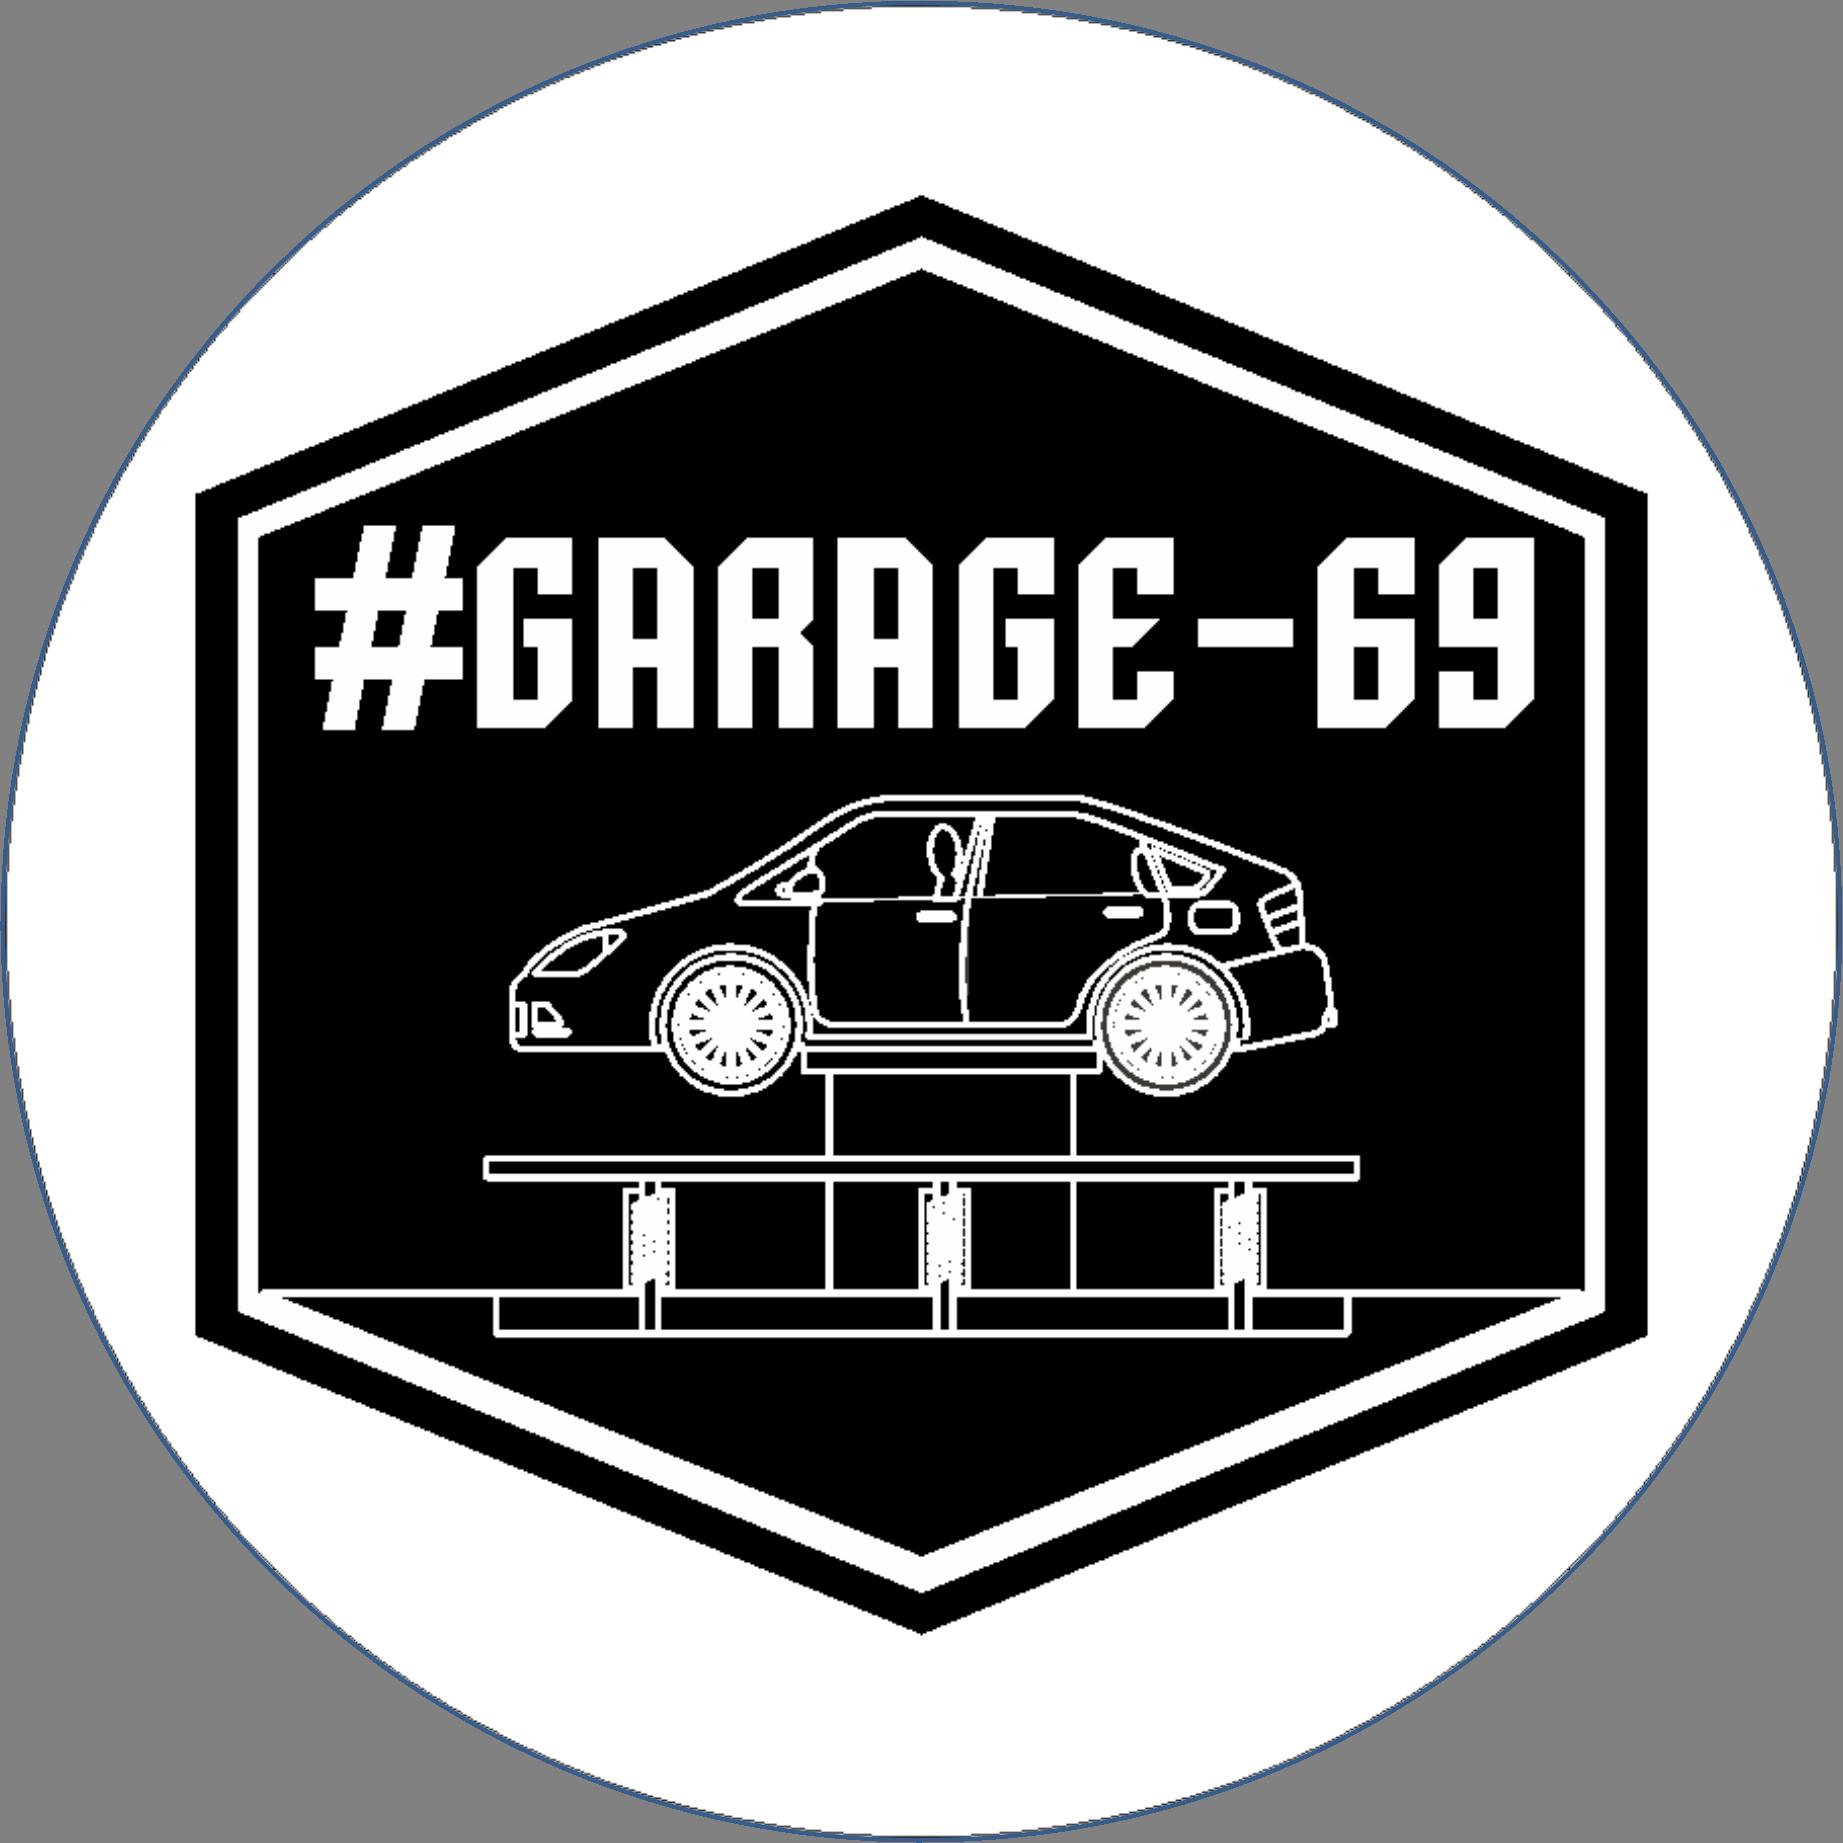 #GARAGE-69